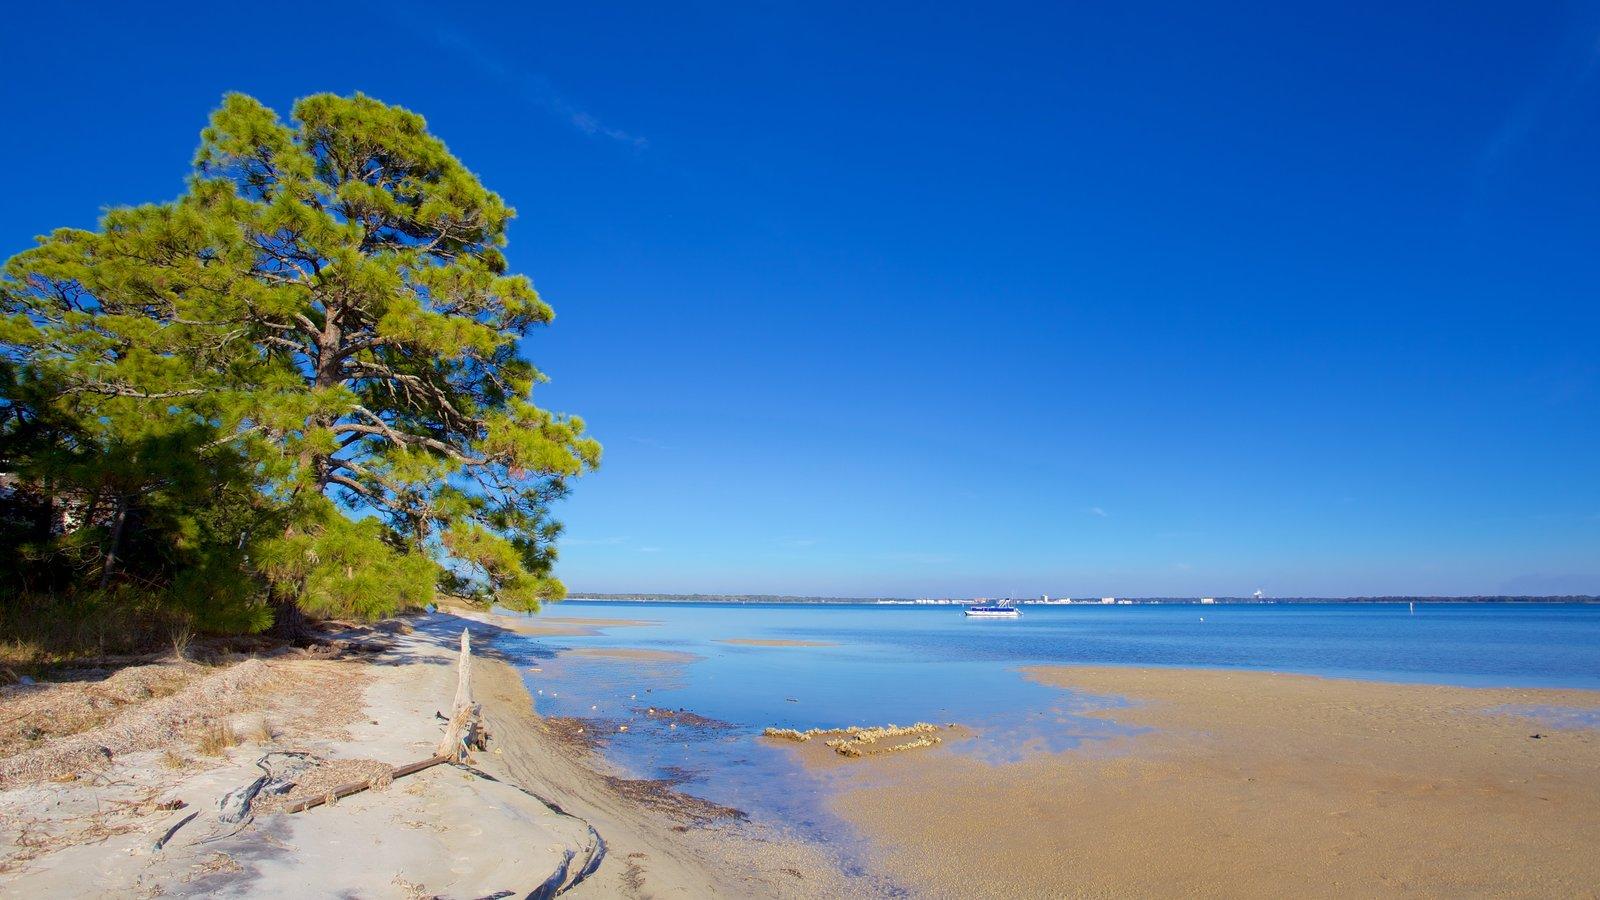 Upper Grand Lagoon mostrando uma praia de areia